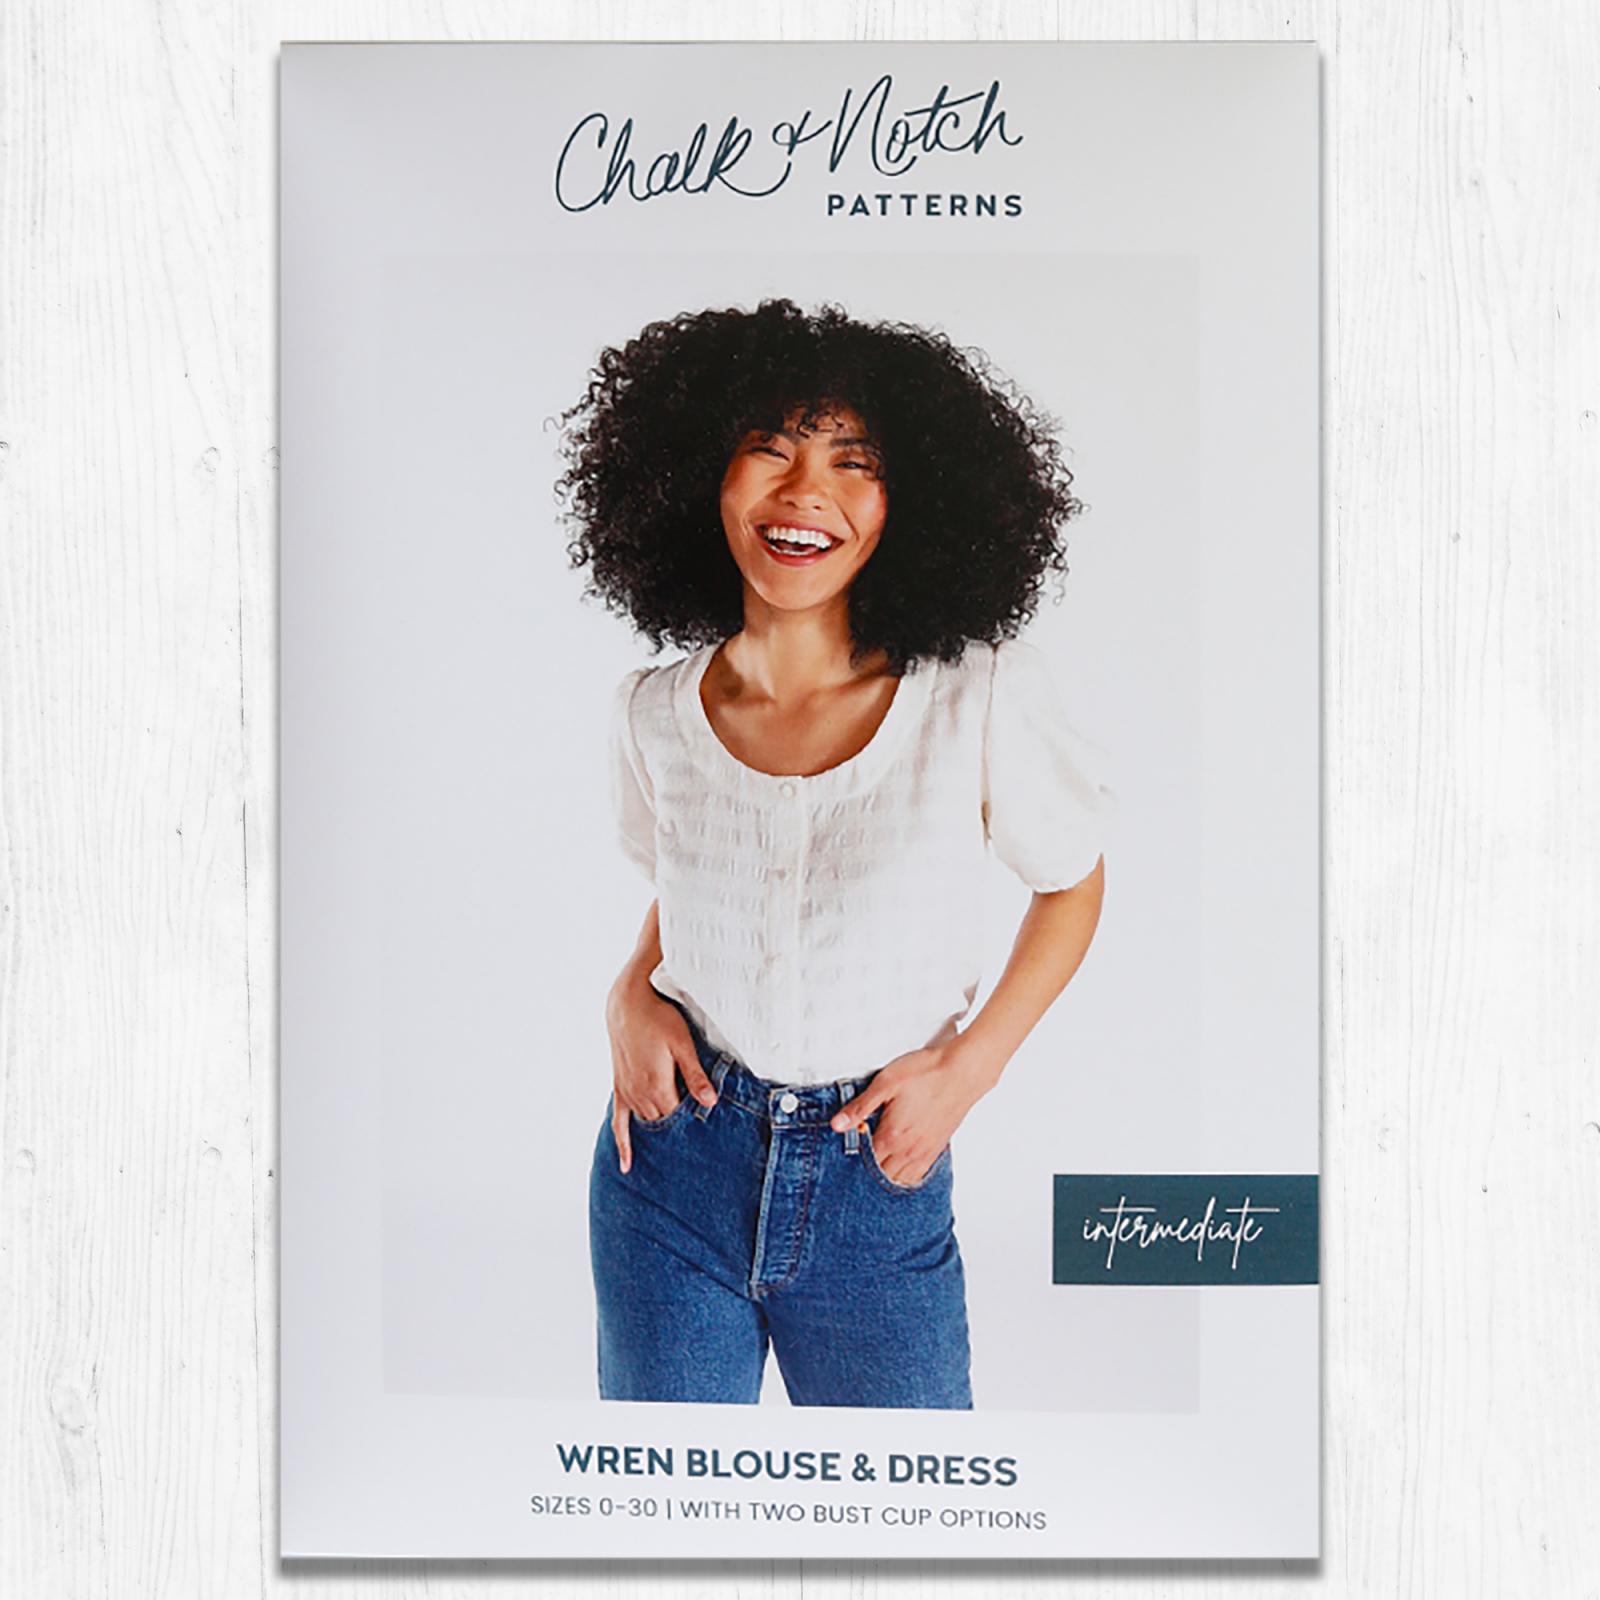 Chalk & Notch - Wren Blouse and Dress